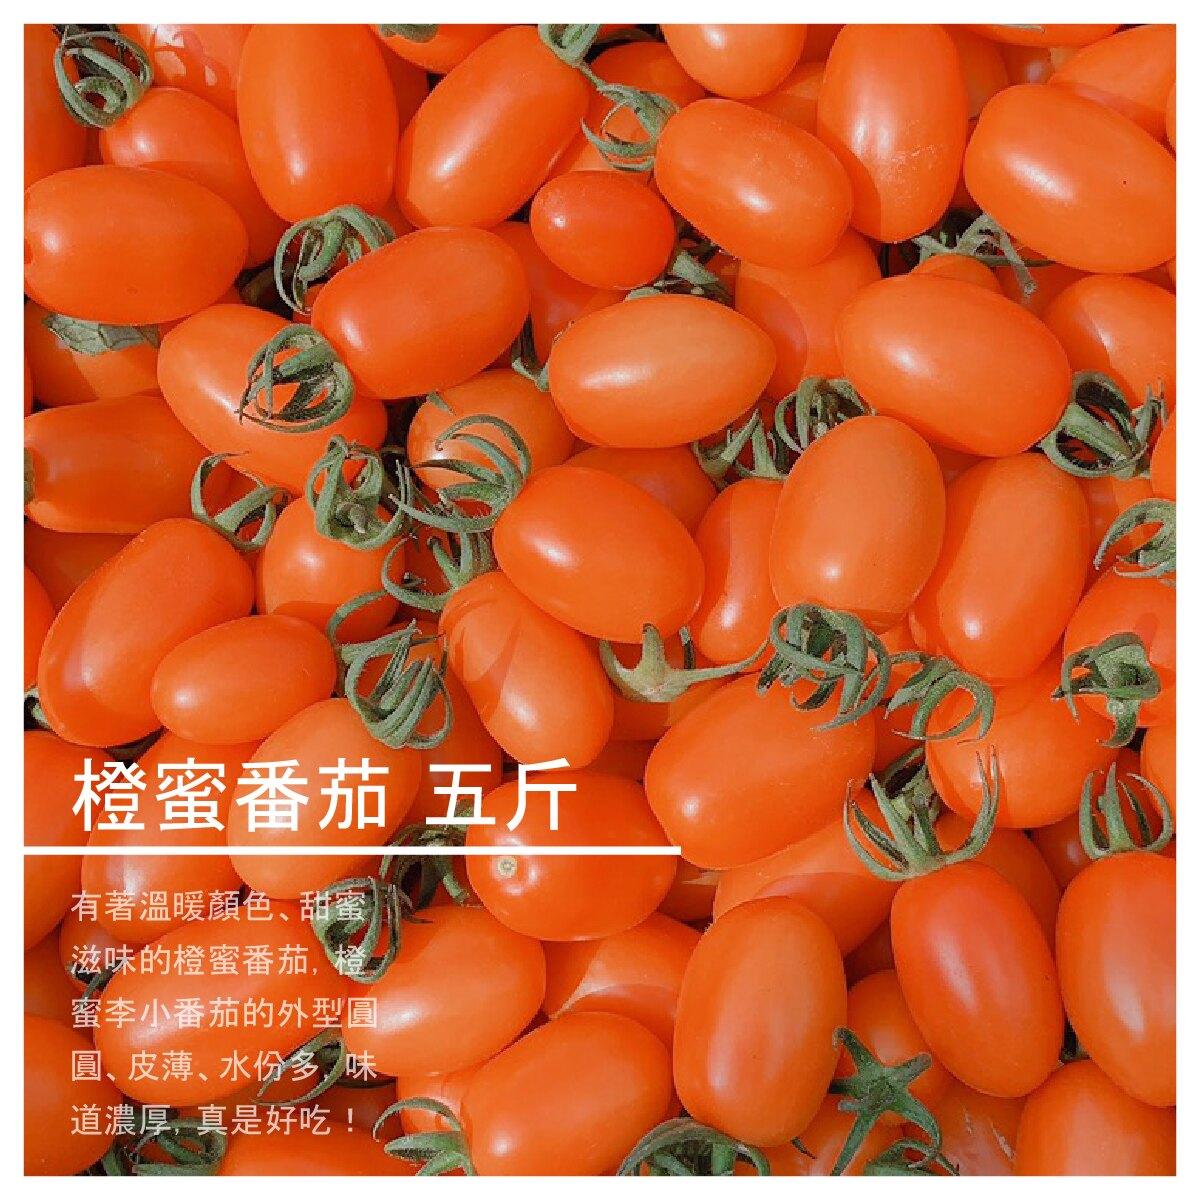 【結善園小番茄】橙蜜番茄 五斤